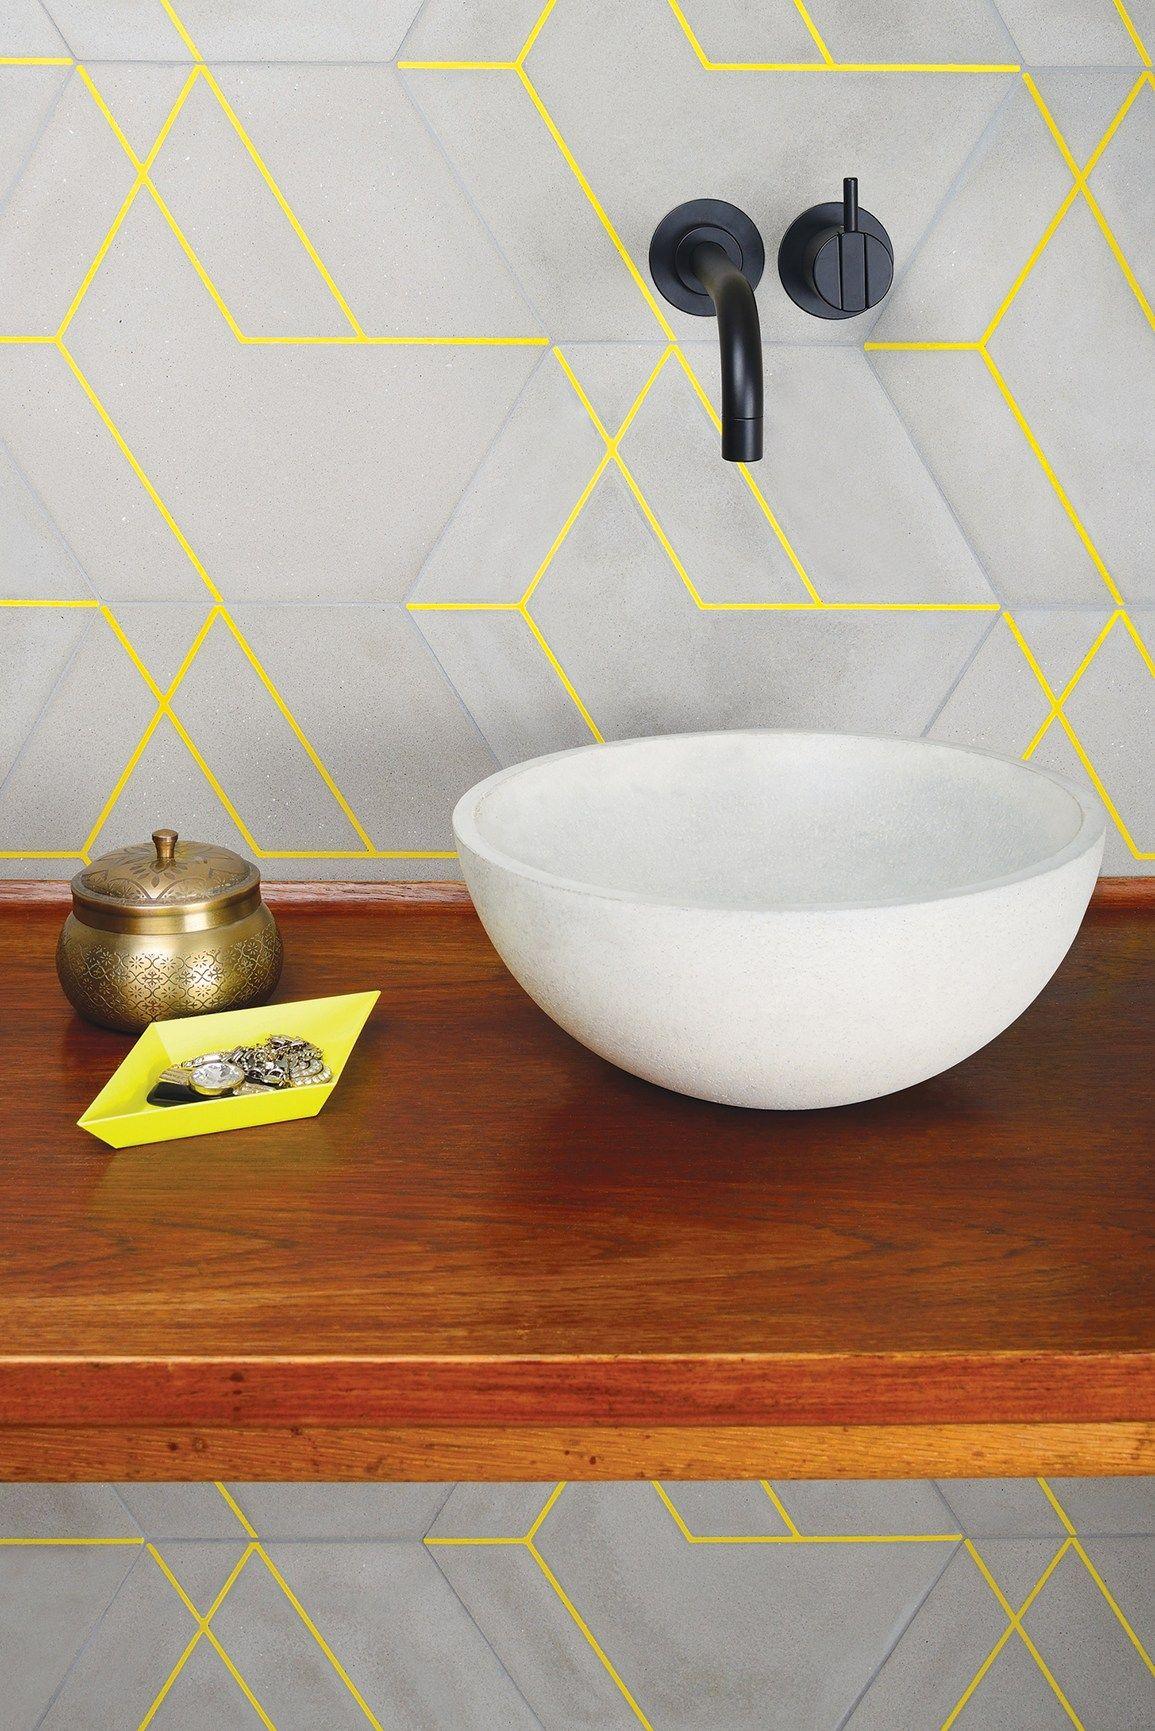 Concrete In The Bathroom Tegels Tegels In De Badkamers Badkamer Geel